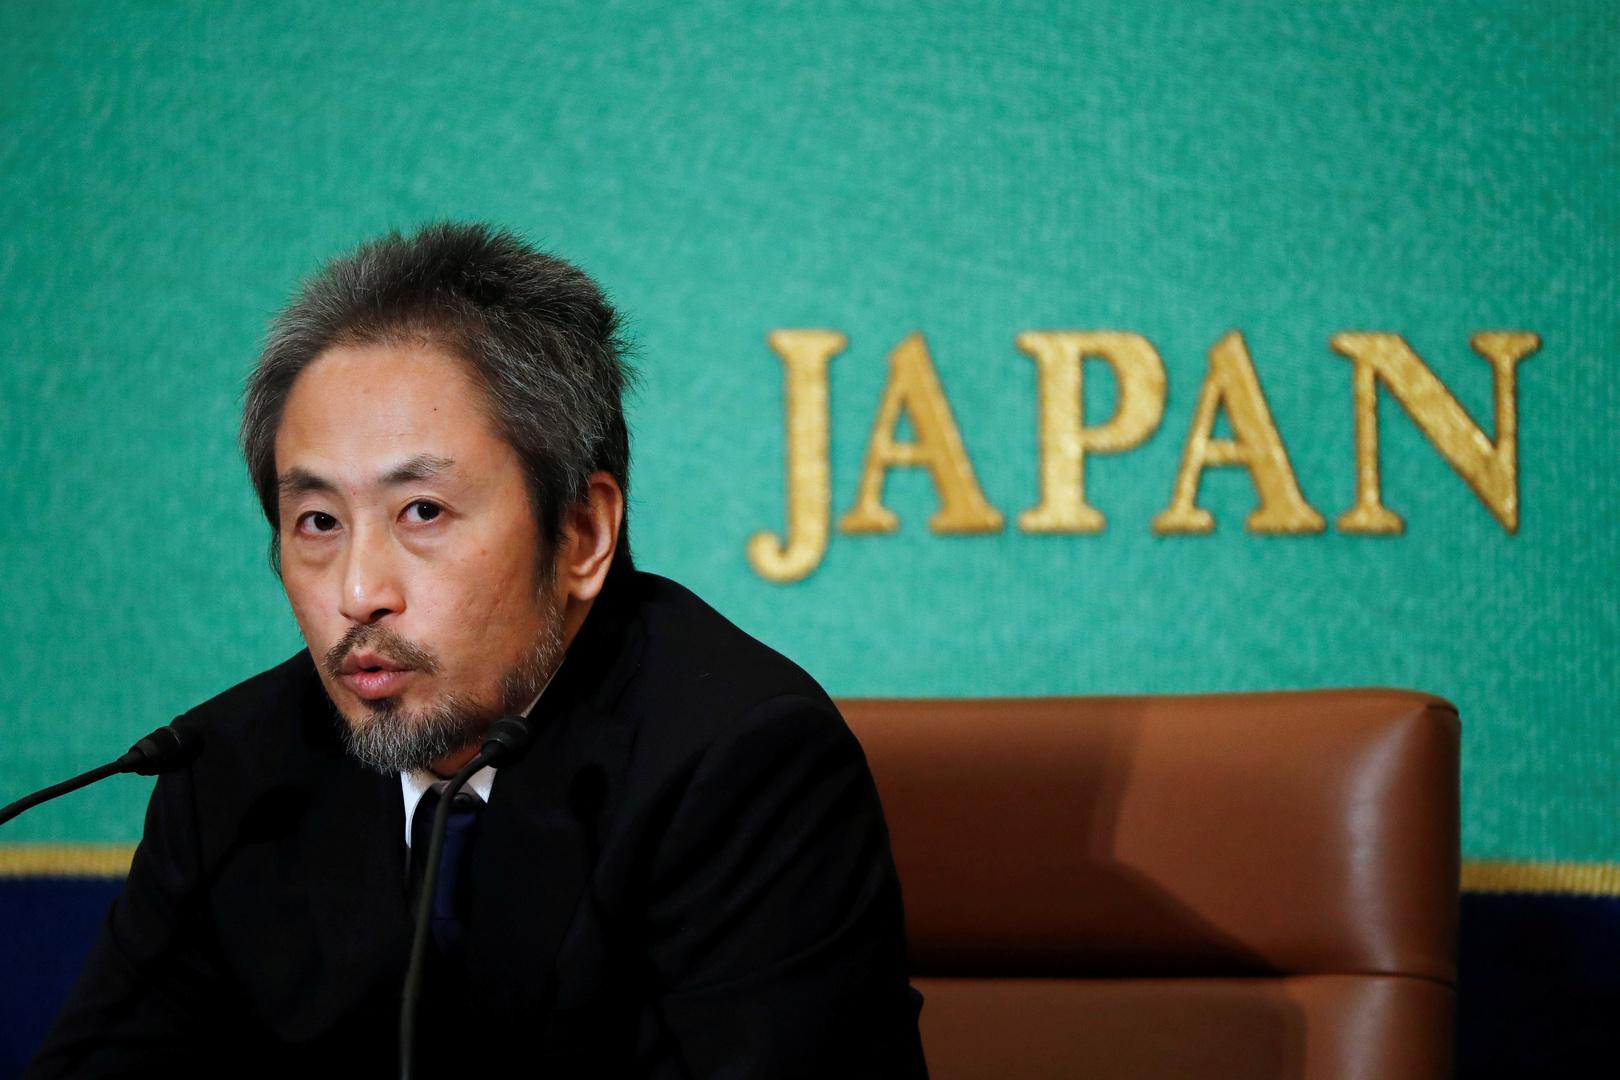 الصحفي الياباني جومبي ياسودا